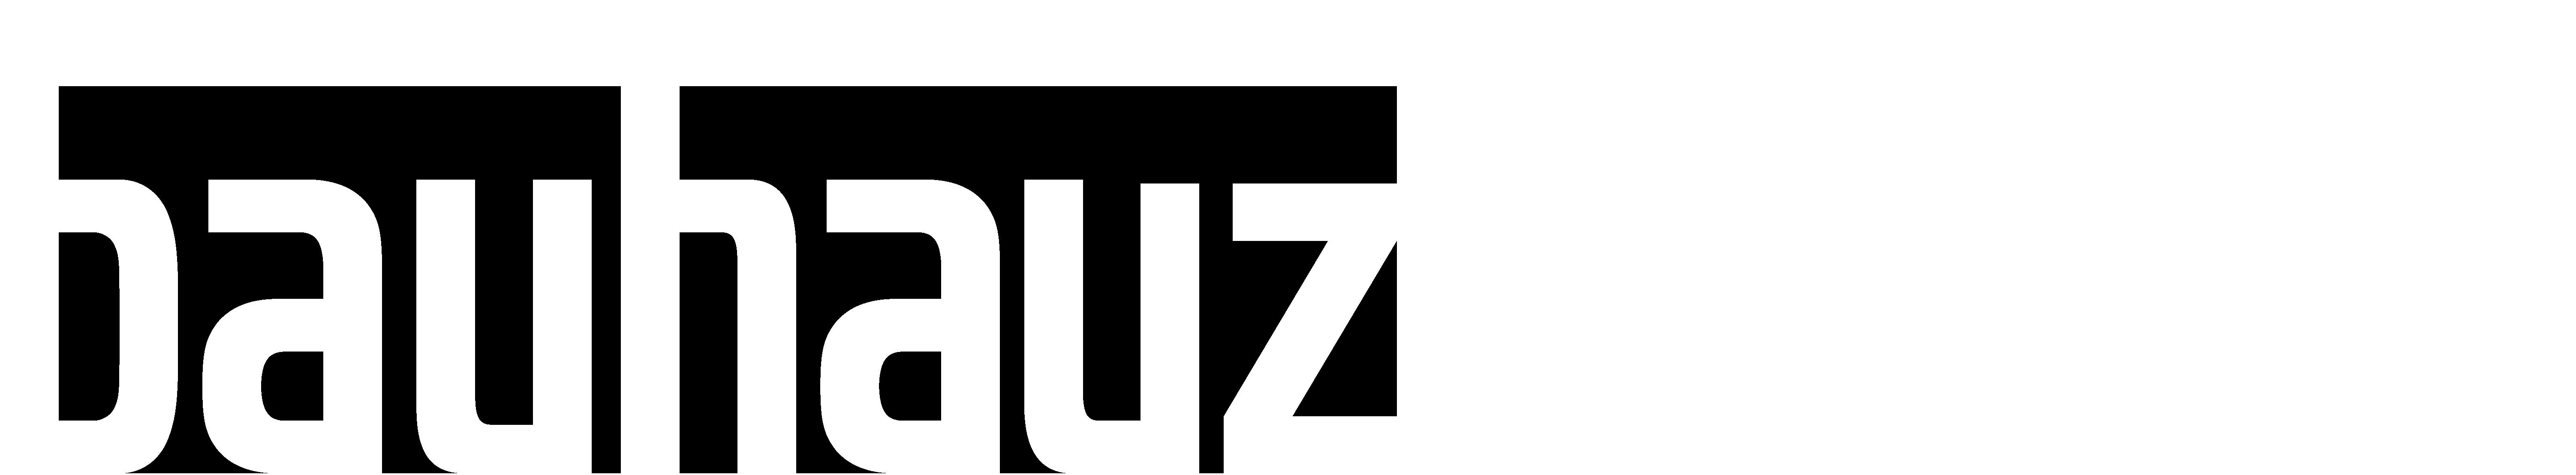 Bauhauz